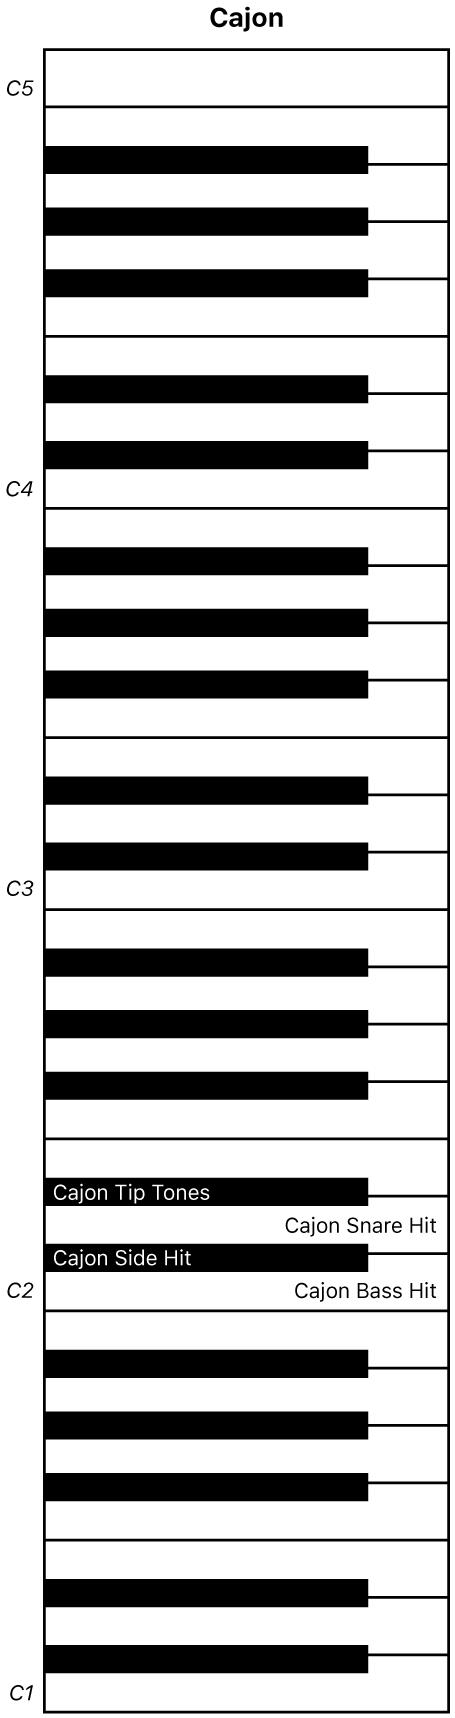 Kuva. Cajon-esityskoskettimistokartta.